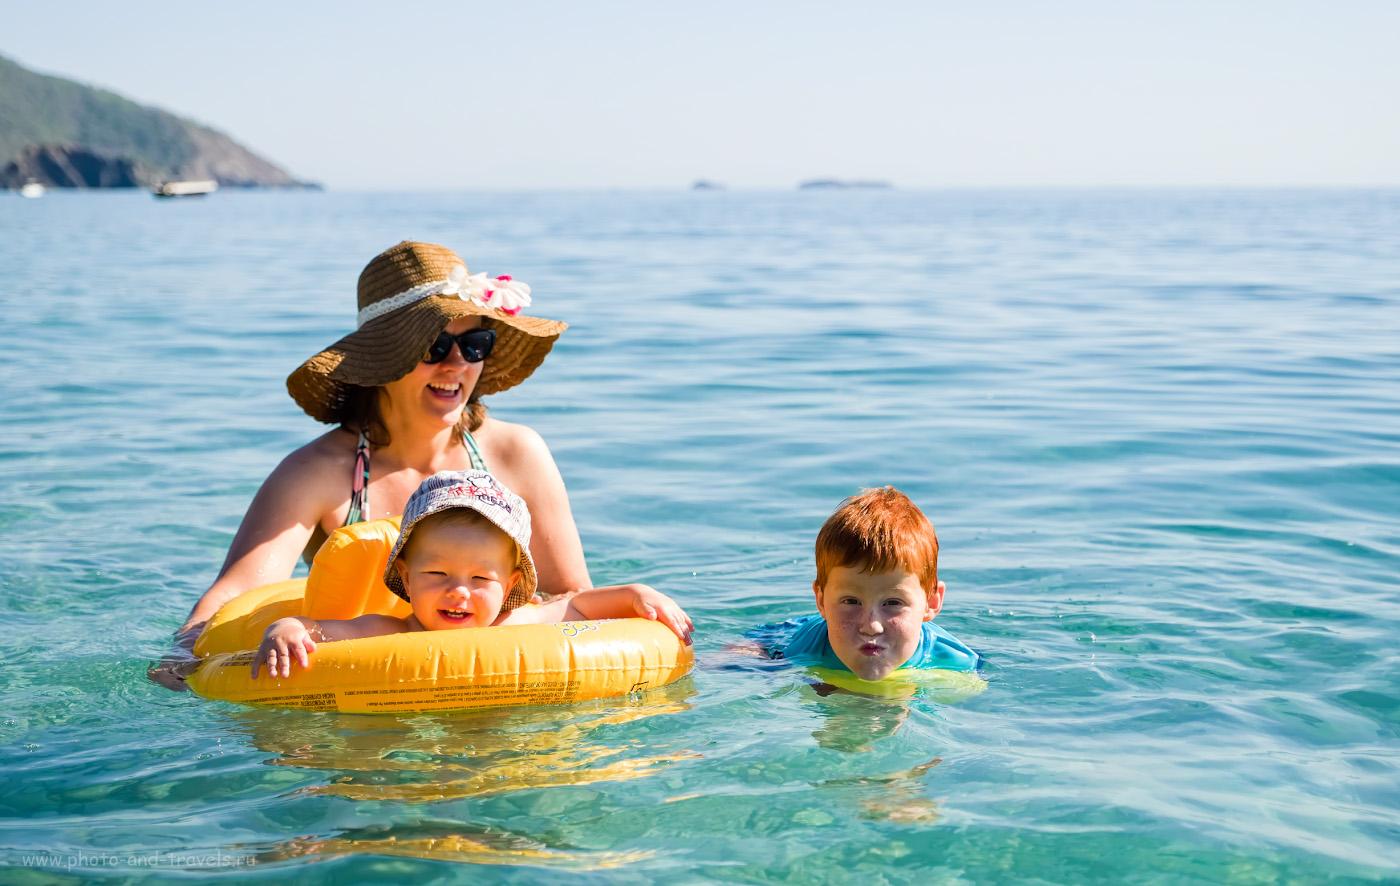 35. В надувном круге «с трусиками» сын плавал первые 2 дня. Лучше бы мы взяли матрас, на нем ему больше понравилось. Советы родителям, отдыхающим с детьми на море. 1/1900, 2.8, 200, +1, 37.